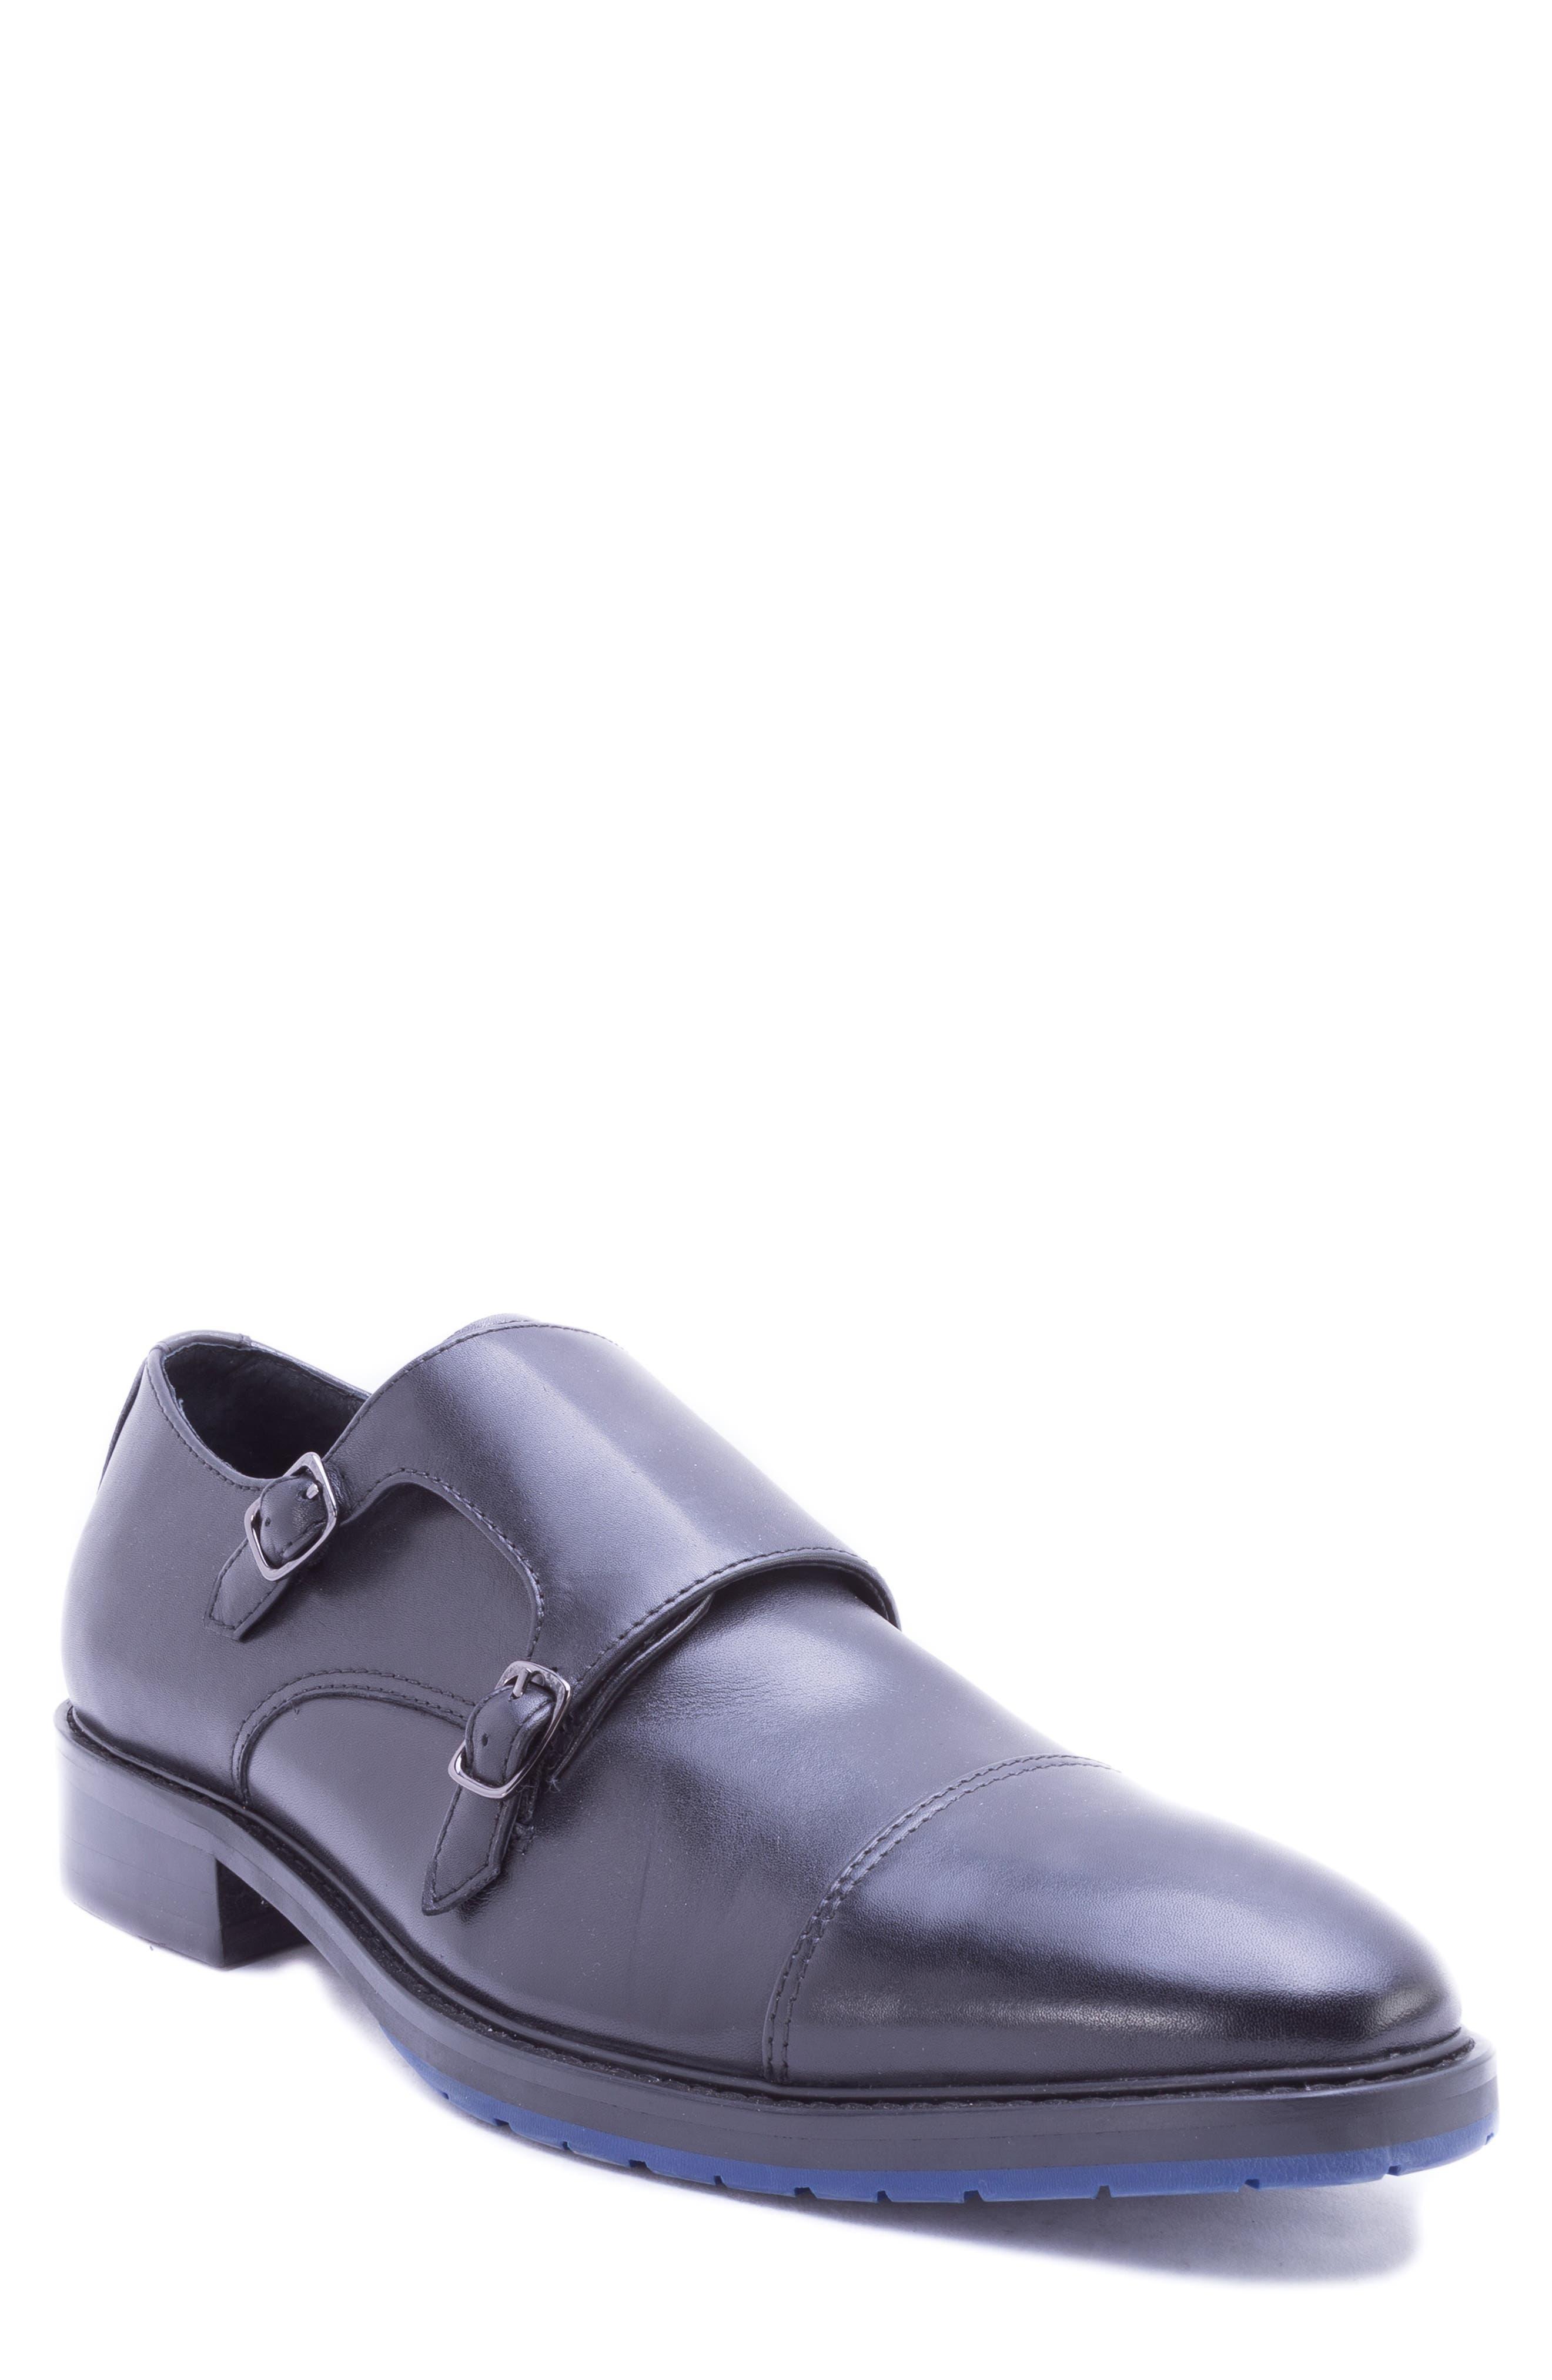 Catlett Double Monk Strap Shoe,                             Main thumbnail 1, color,                             BLACK LEATHER